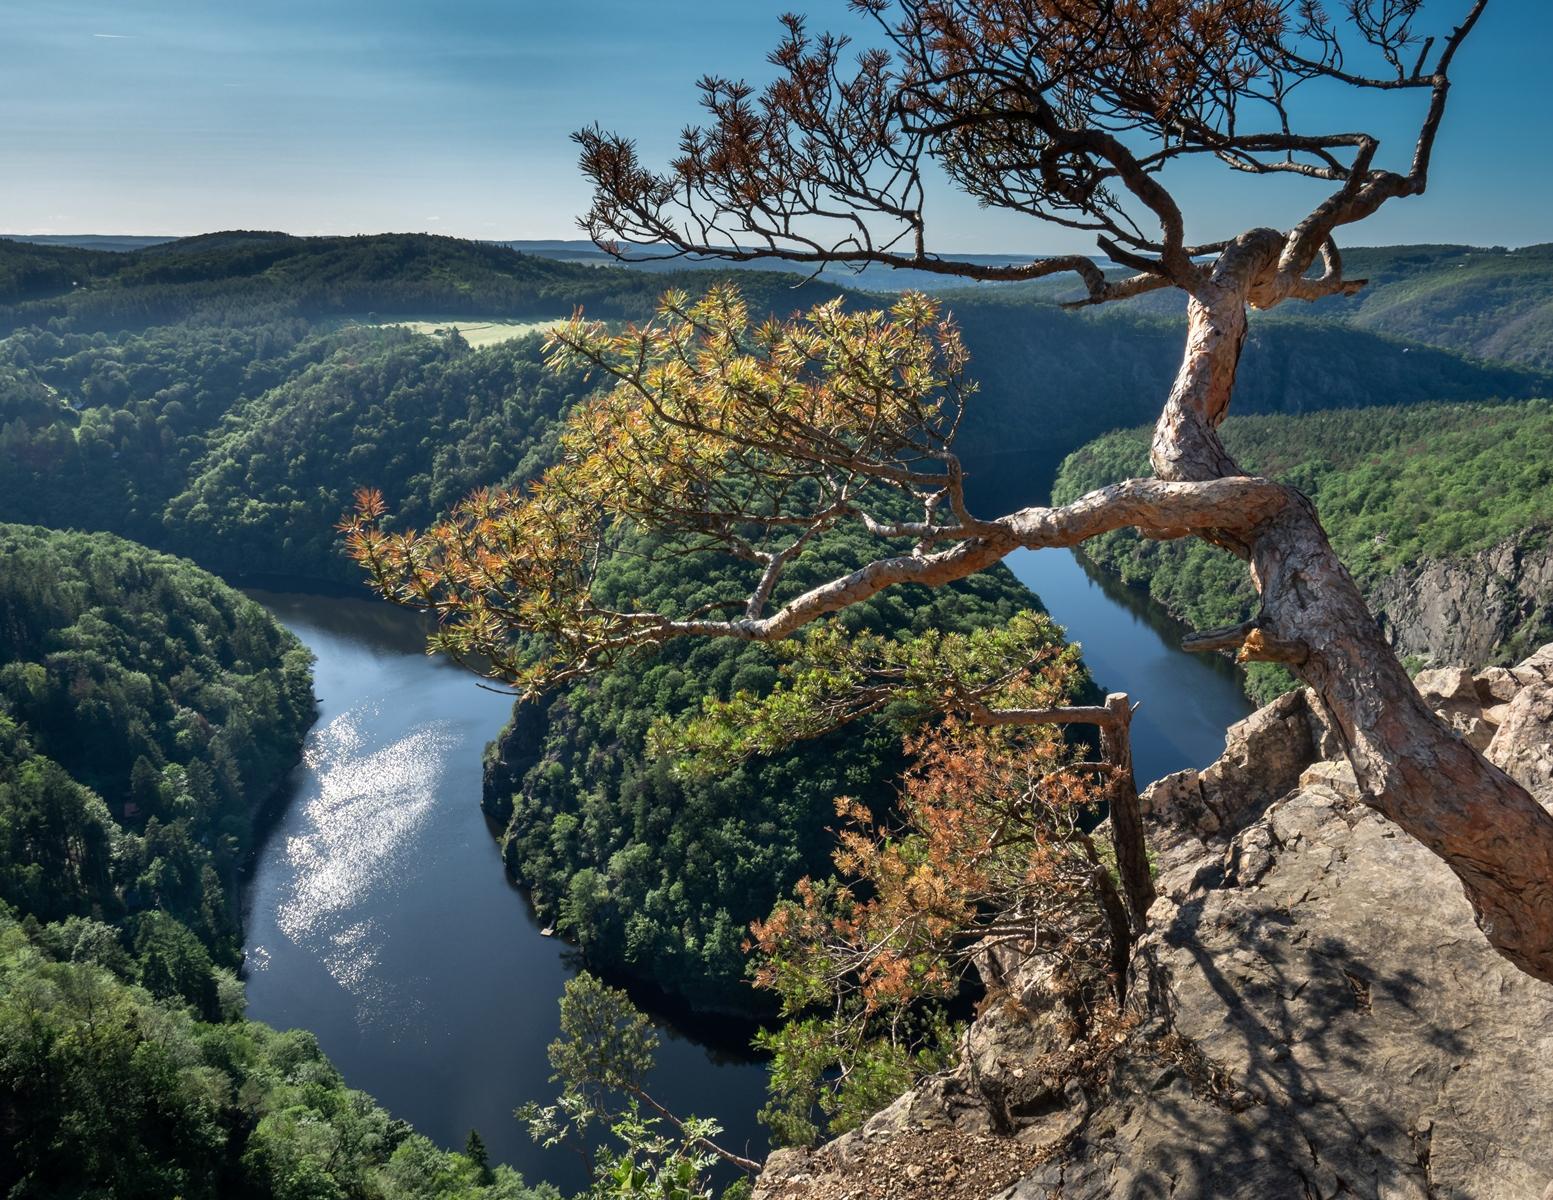 Vltava river view, Czech Republic